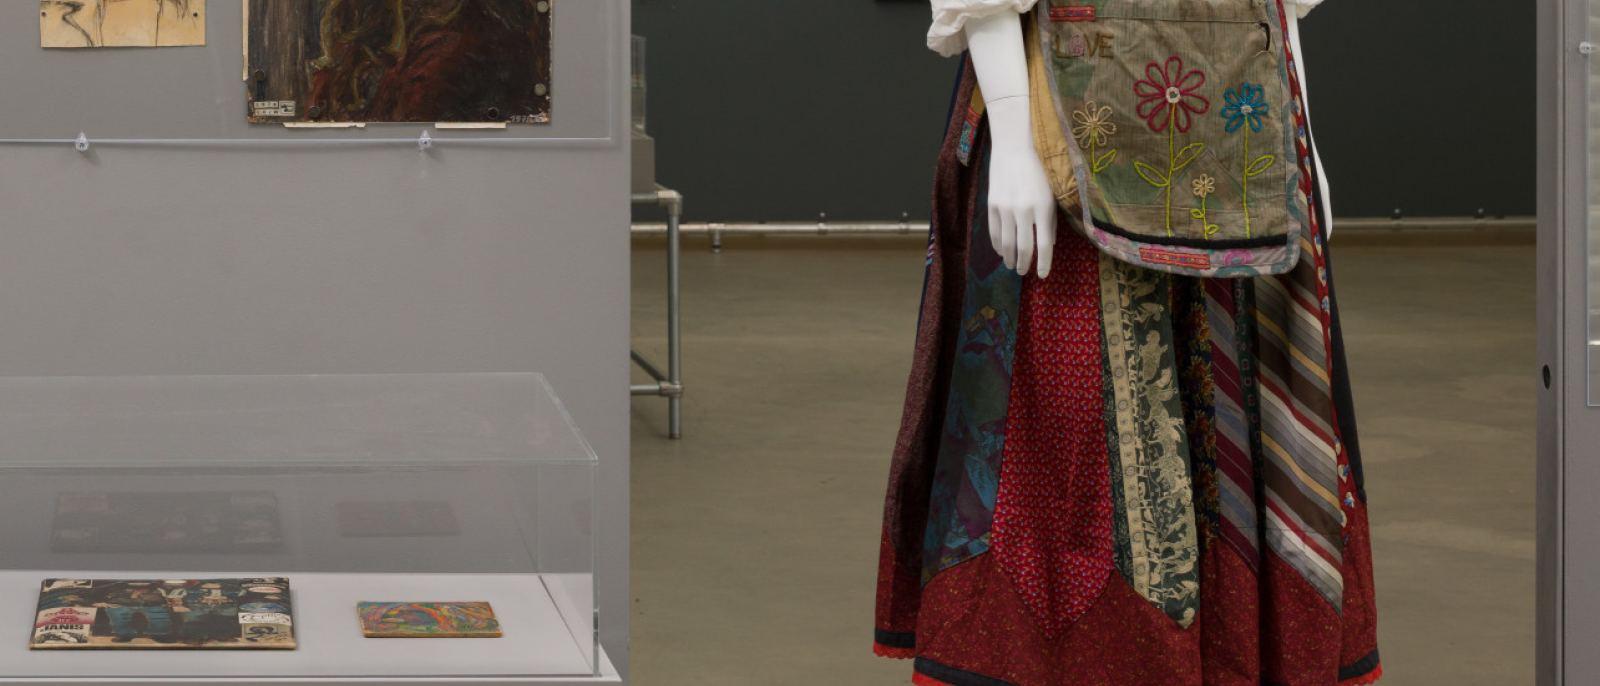 Wende Museum Gallery